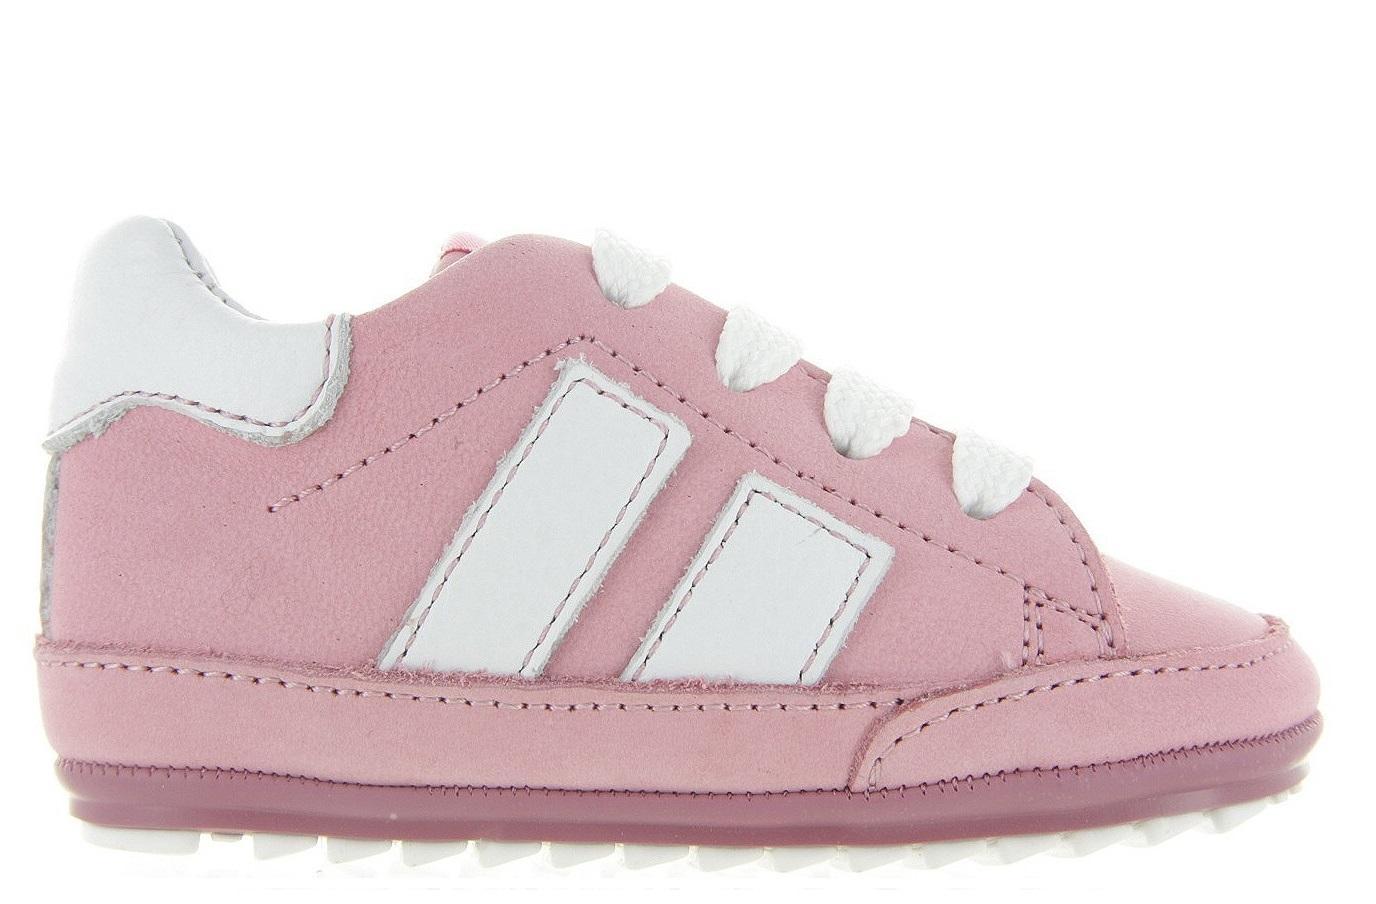 01fe339e074 Babyschoenen Shoesme Babyschoenen - Roze Meisjes Bp9s024-e - Shoesme roze |  Maxime Schoenen